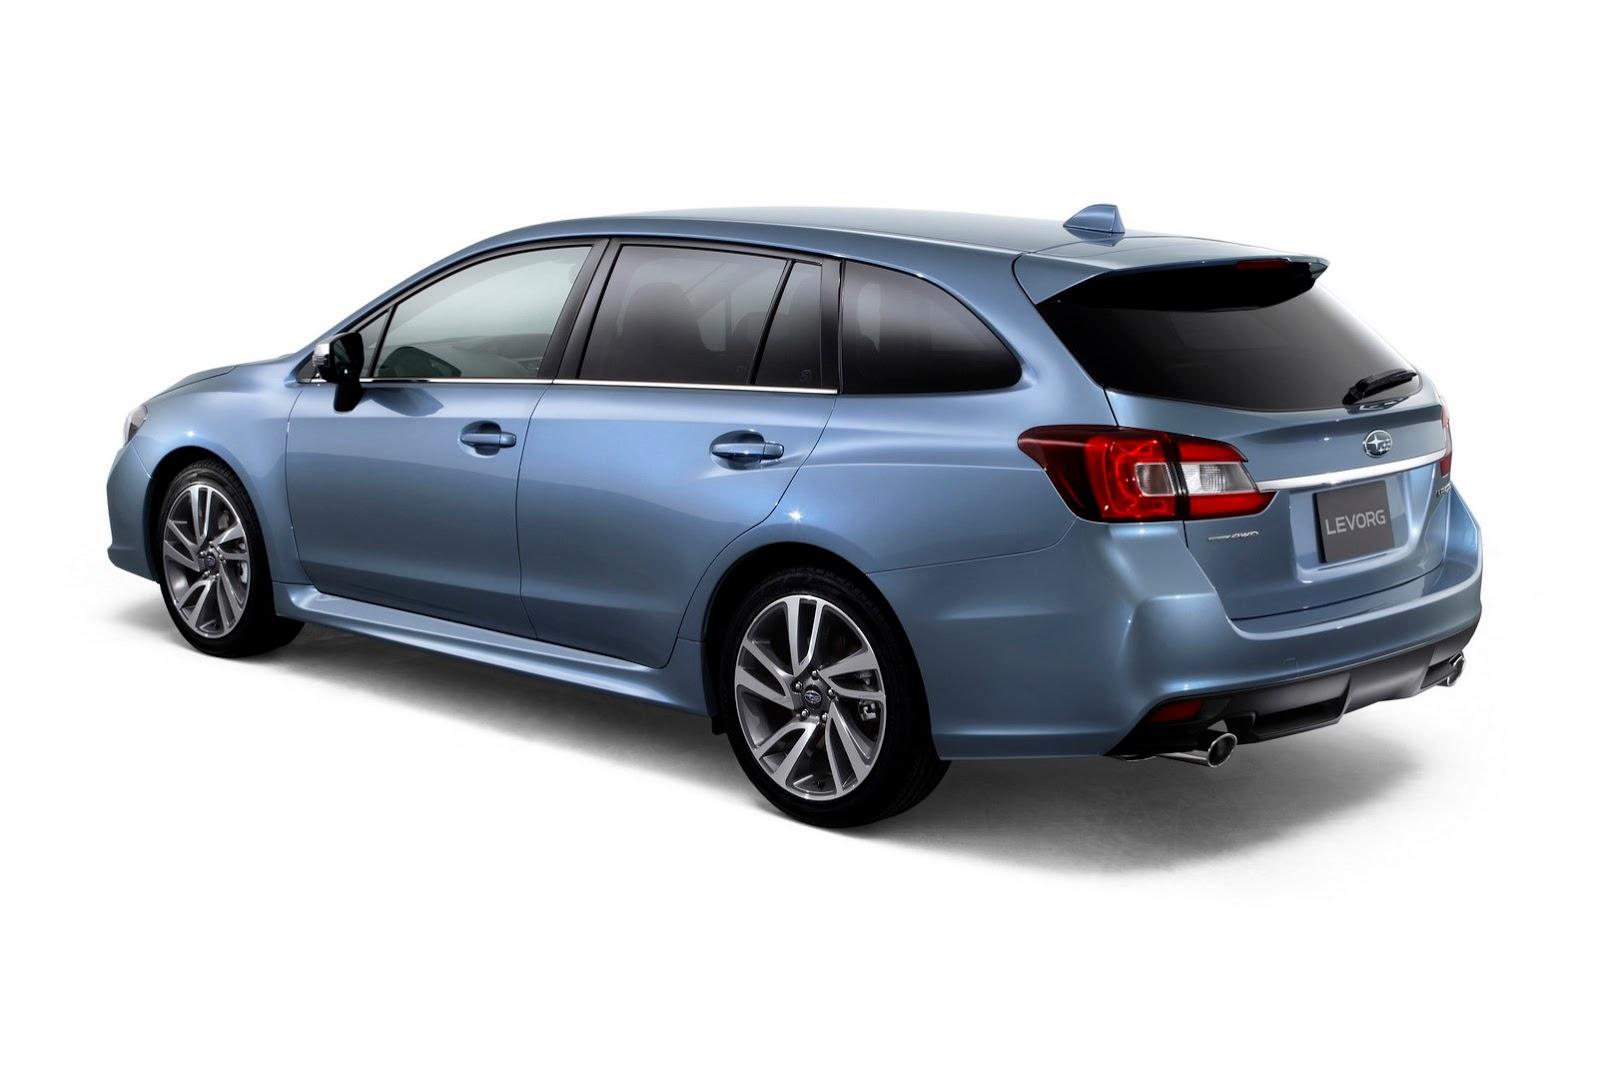 Subaru-Levorg-Concept-4%25255B2%25255D